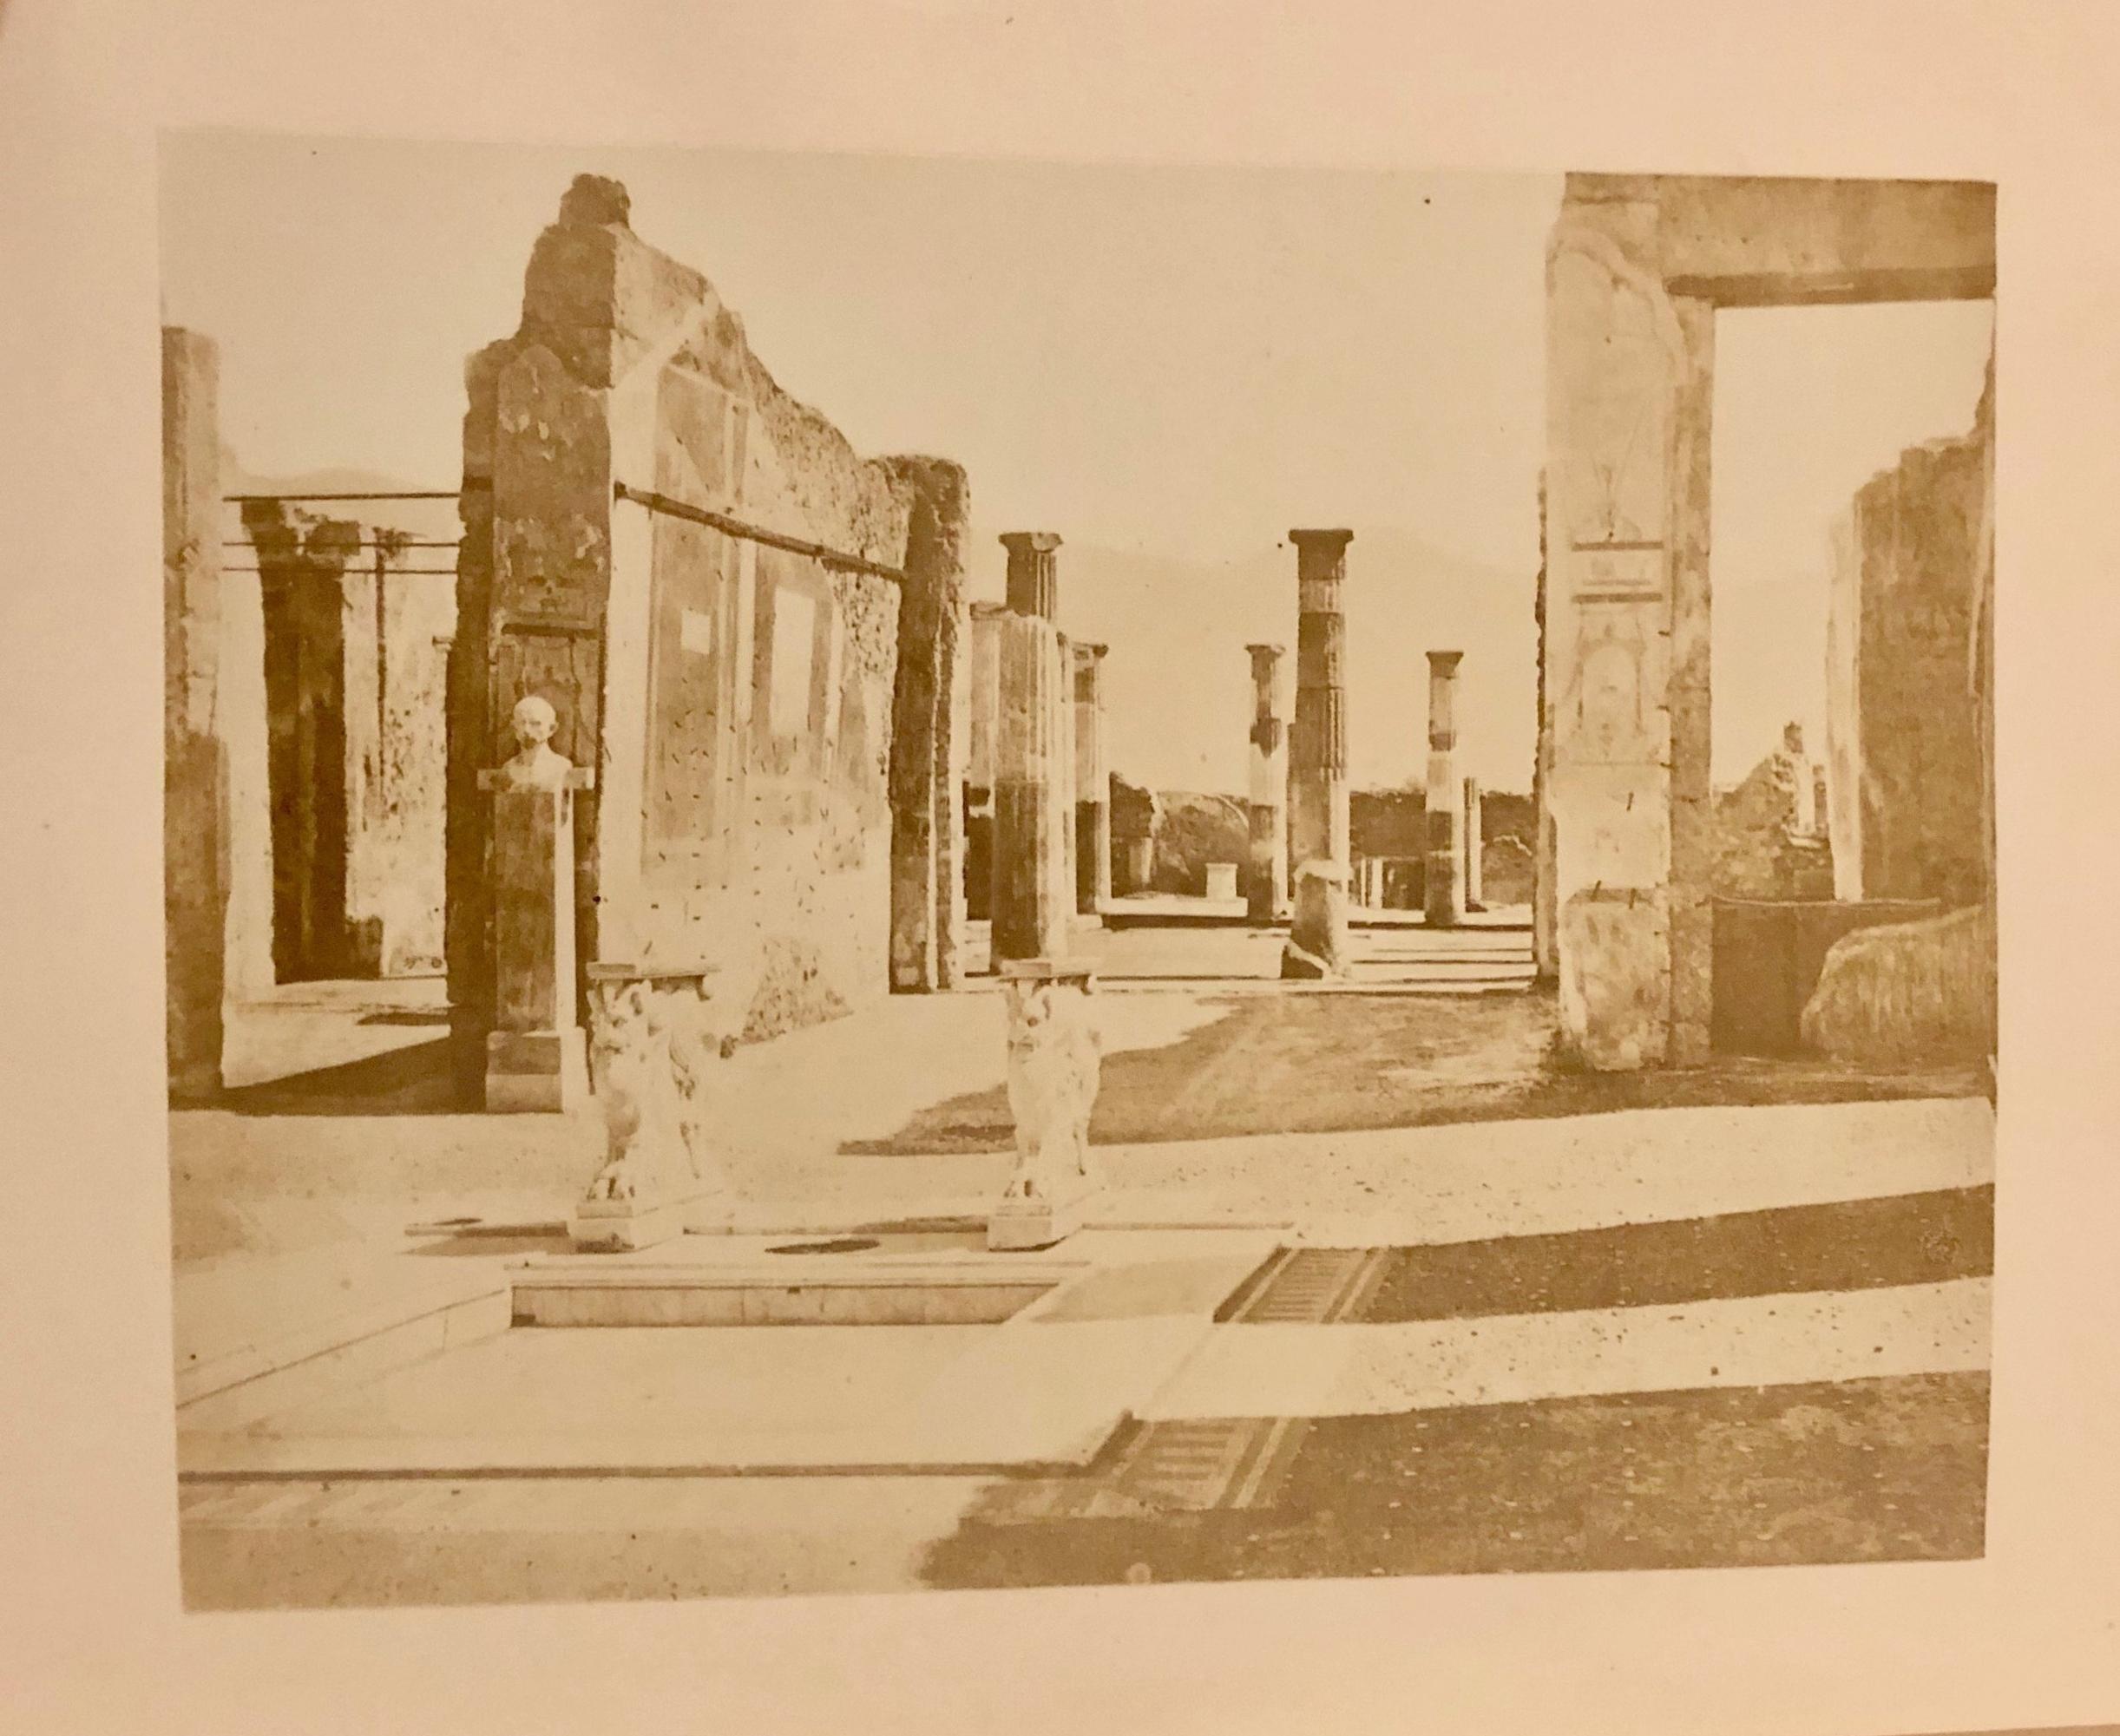 pompeii, in dyer's 'ruins of pompeii'